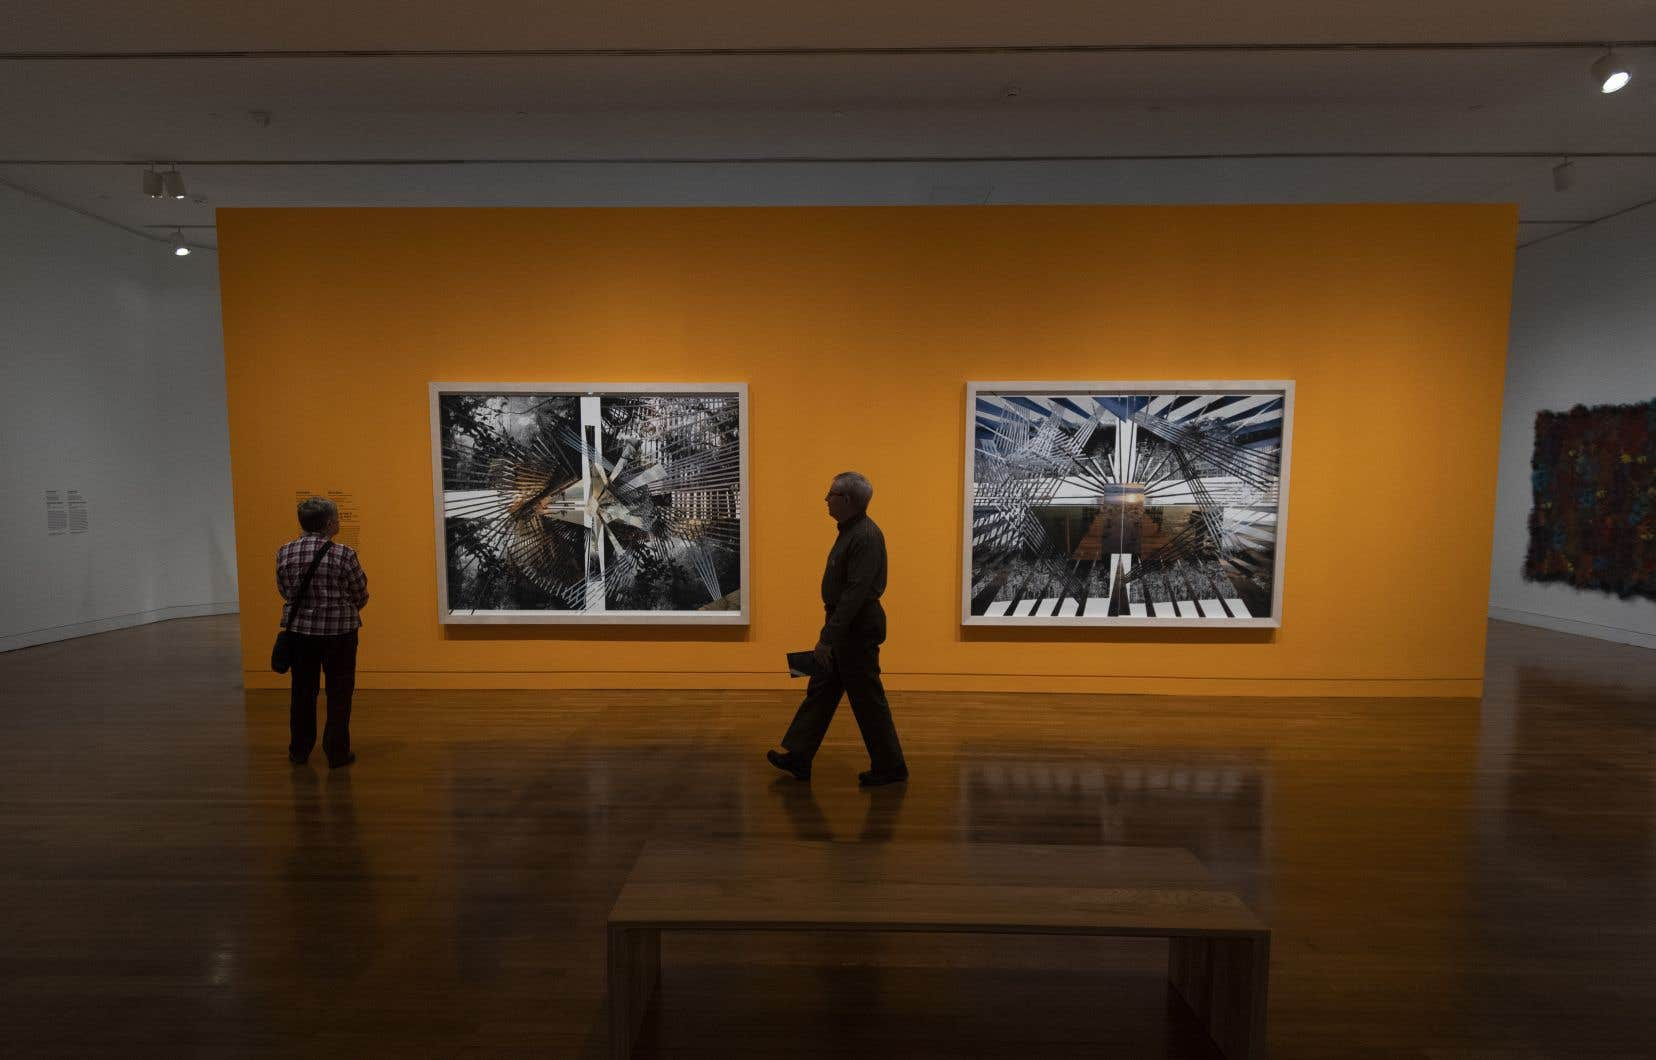 «La crise a été un révélateur de la fragilité du milieu culturel, mais aussi de son importance comme bien commun», écrivent les auteurs.